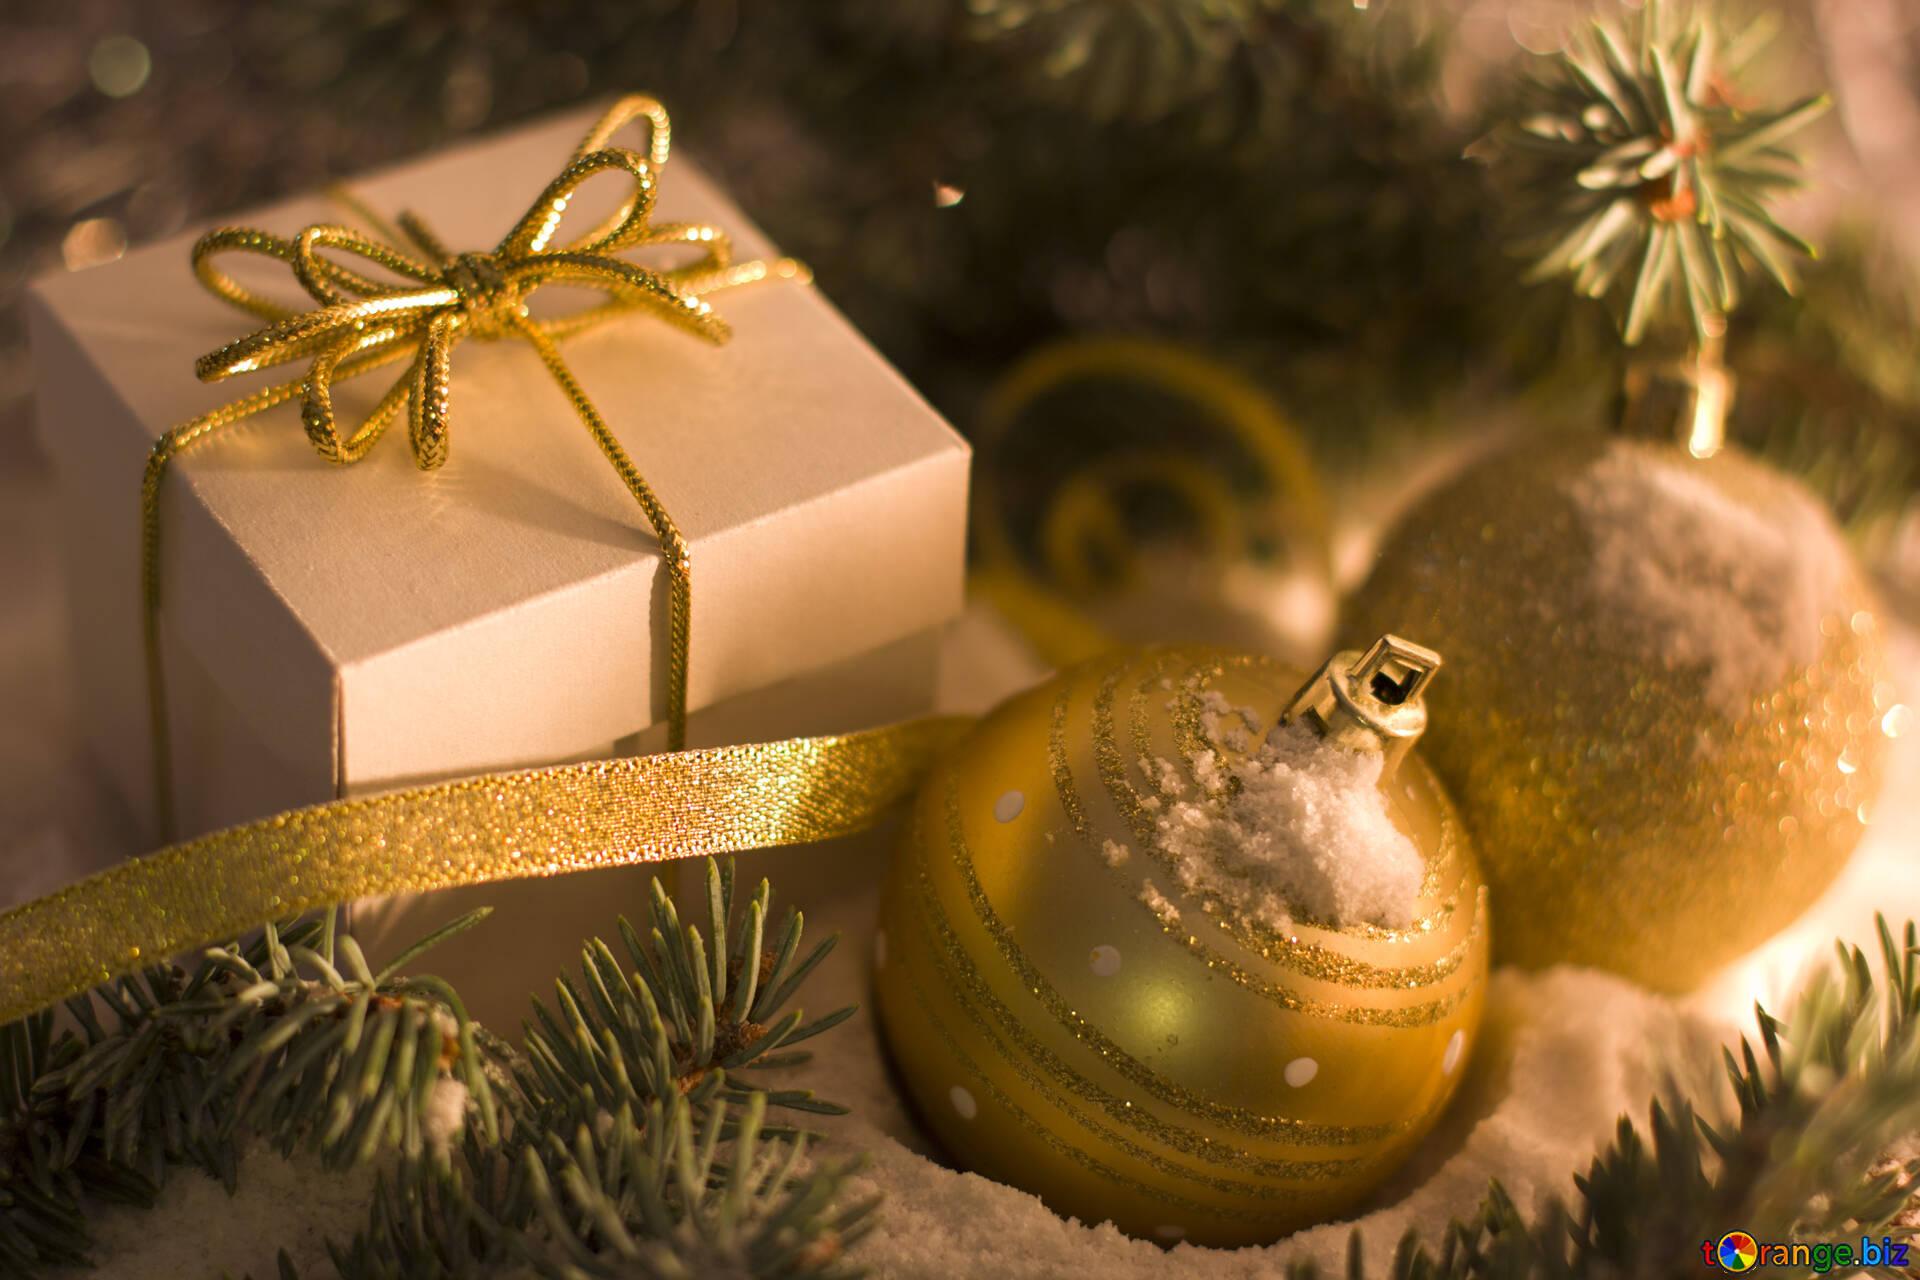 Weihnachtsgeschenke Bilder Kostenlos.Eine Box Mit Einem Bogen Weihnachtsgeschenke Weihnachten 15365